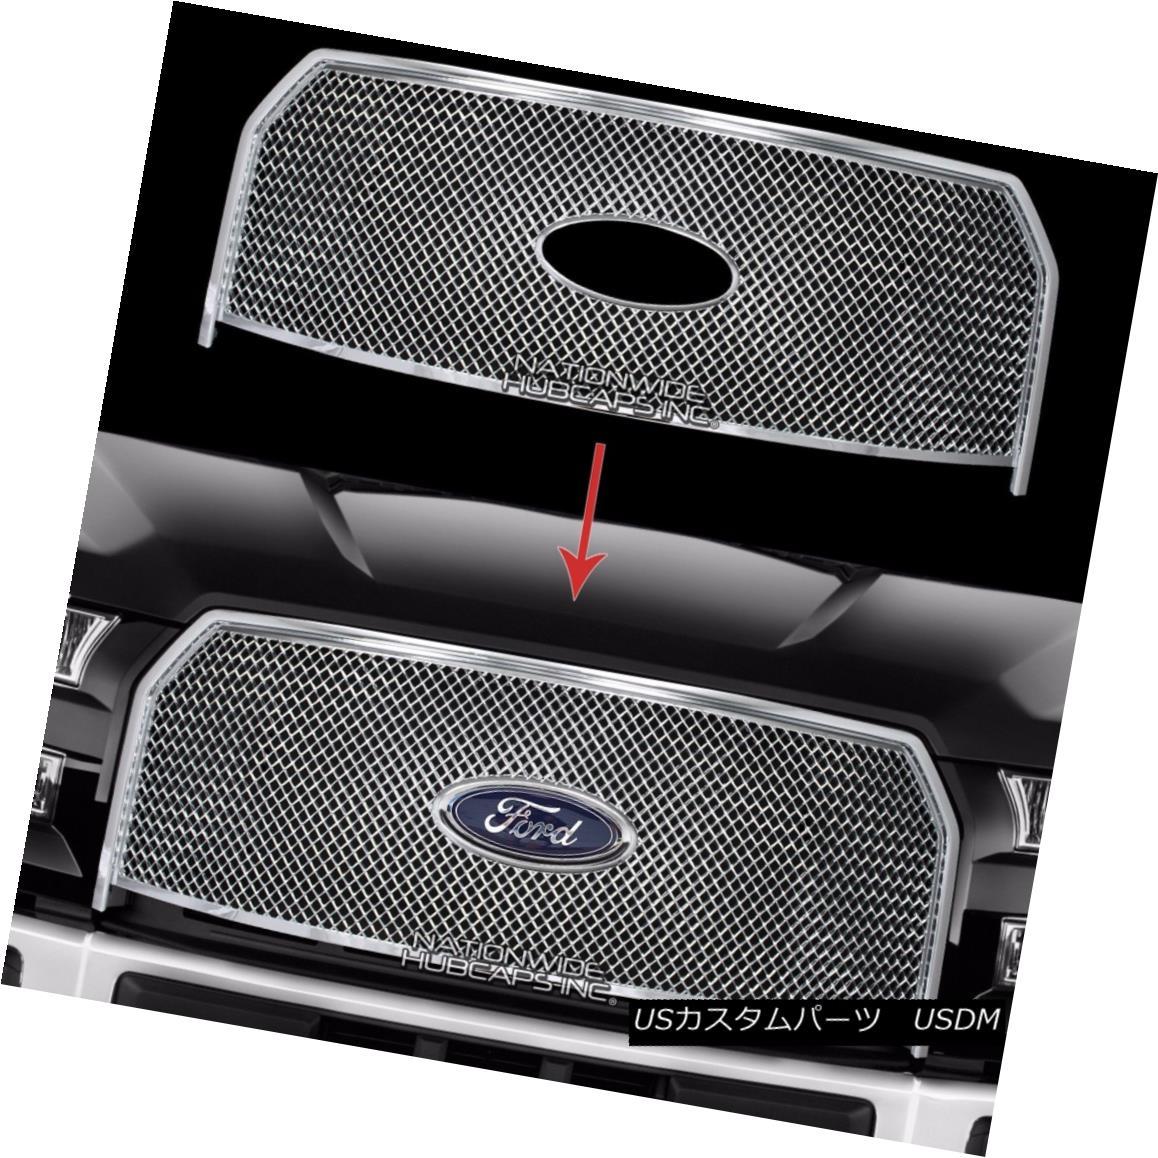 グリル 2015 16 2017 Ford F150 XL CHROME Snap On Grille Overlay Full Grill Covers Insert 2015 16 2017フォードF150 XLクロームスナップオングリルオーバーレイフルグリルカバーインサート